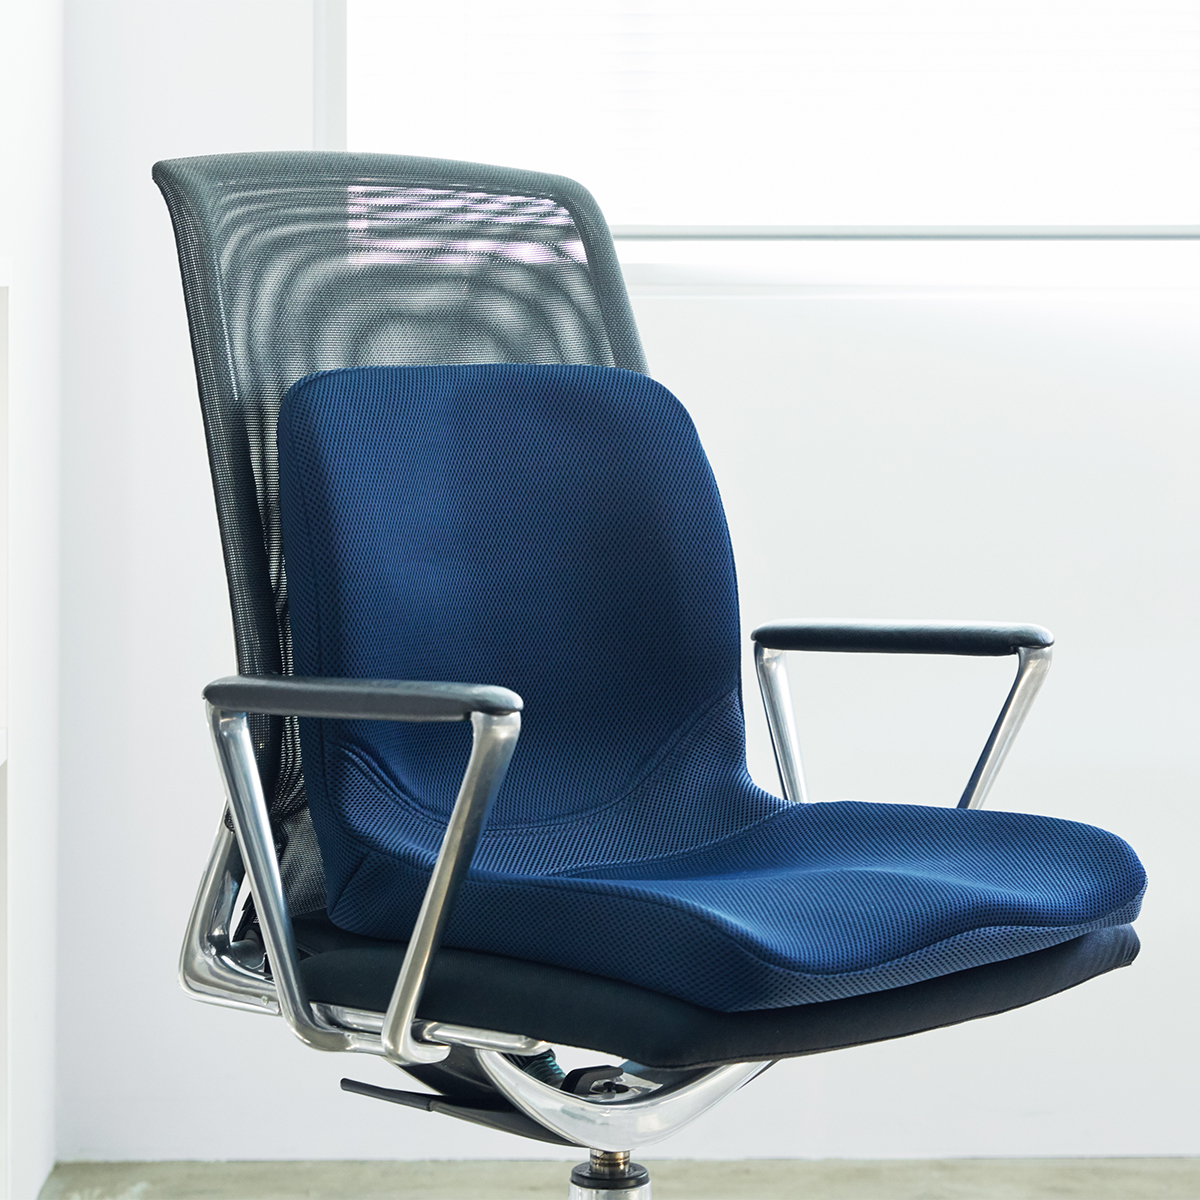 ダイニングチェア、ソファ、座椅子、家中のどのイスも、『P!nto』を置くだけで、座り心地のいいワーキングチェアに早変わり!驚くほど腰がラクなのに、正しい姿勢が習慣化する「チェアシート(椅子クッション)」|P!nto